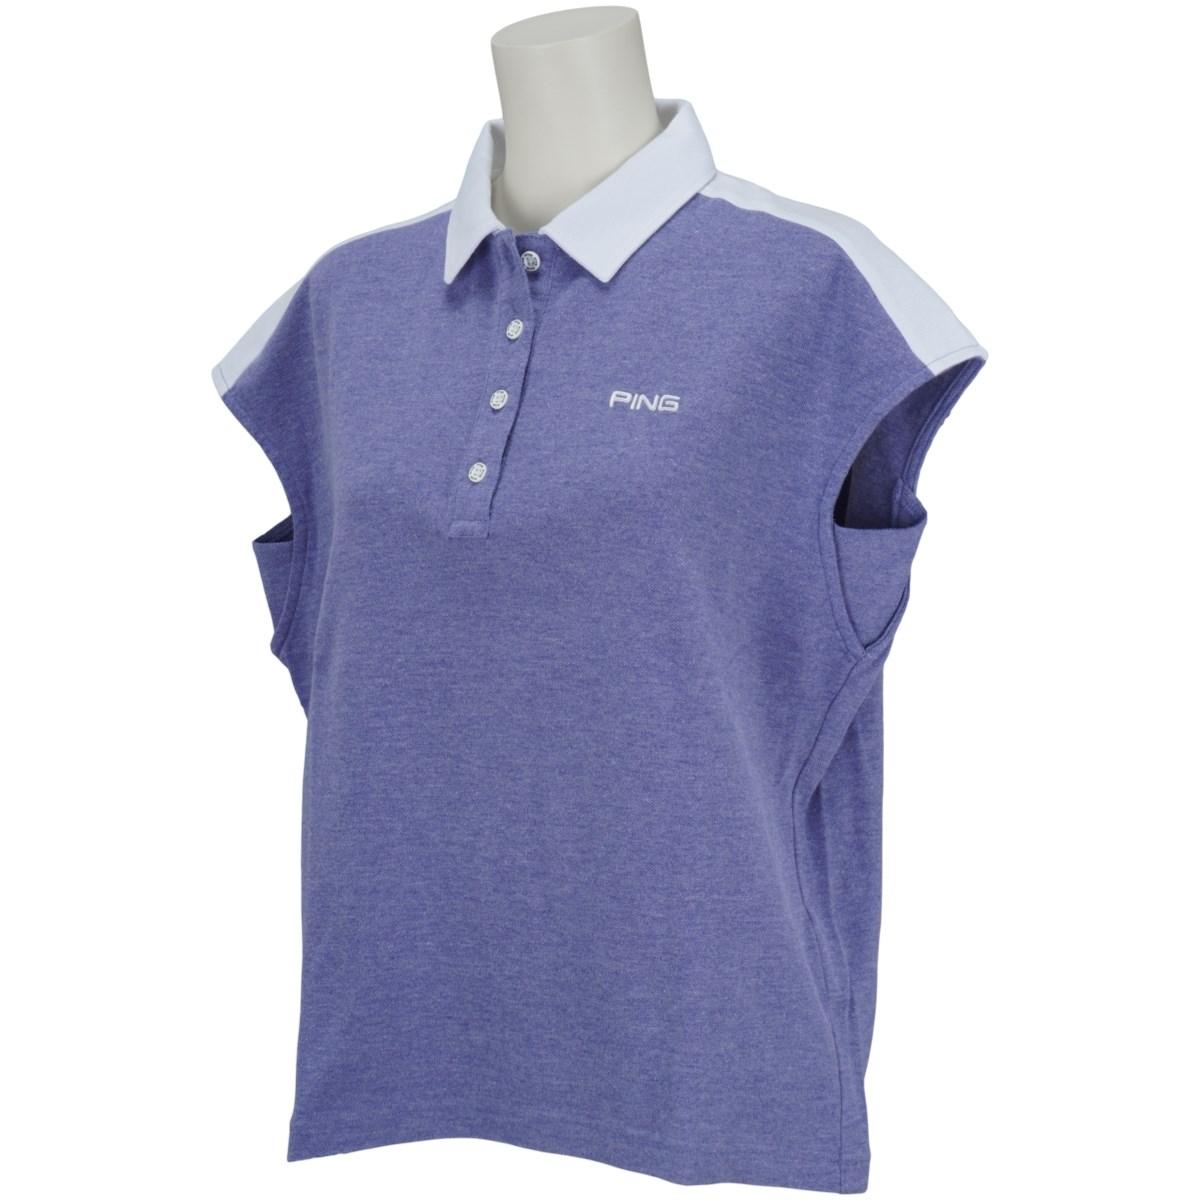 ピン PING 共襟半袖ポロシャツ S ブルー 110 レディス